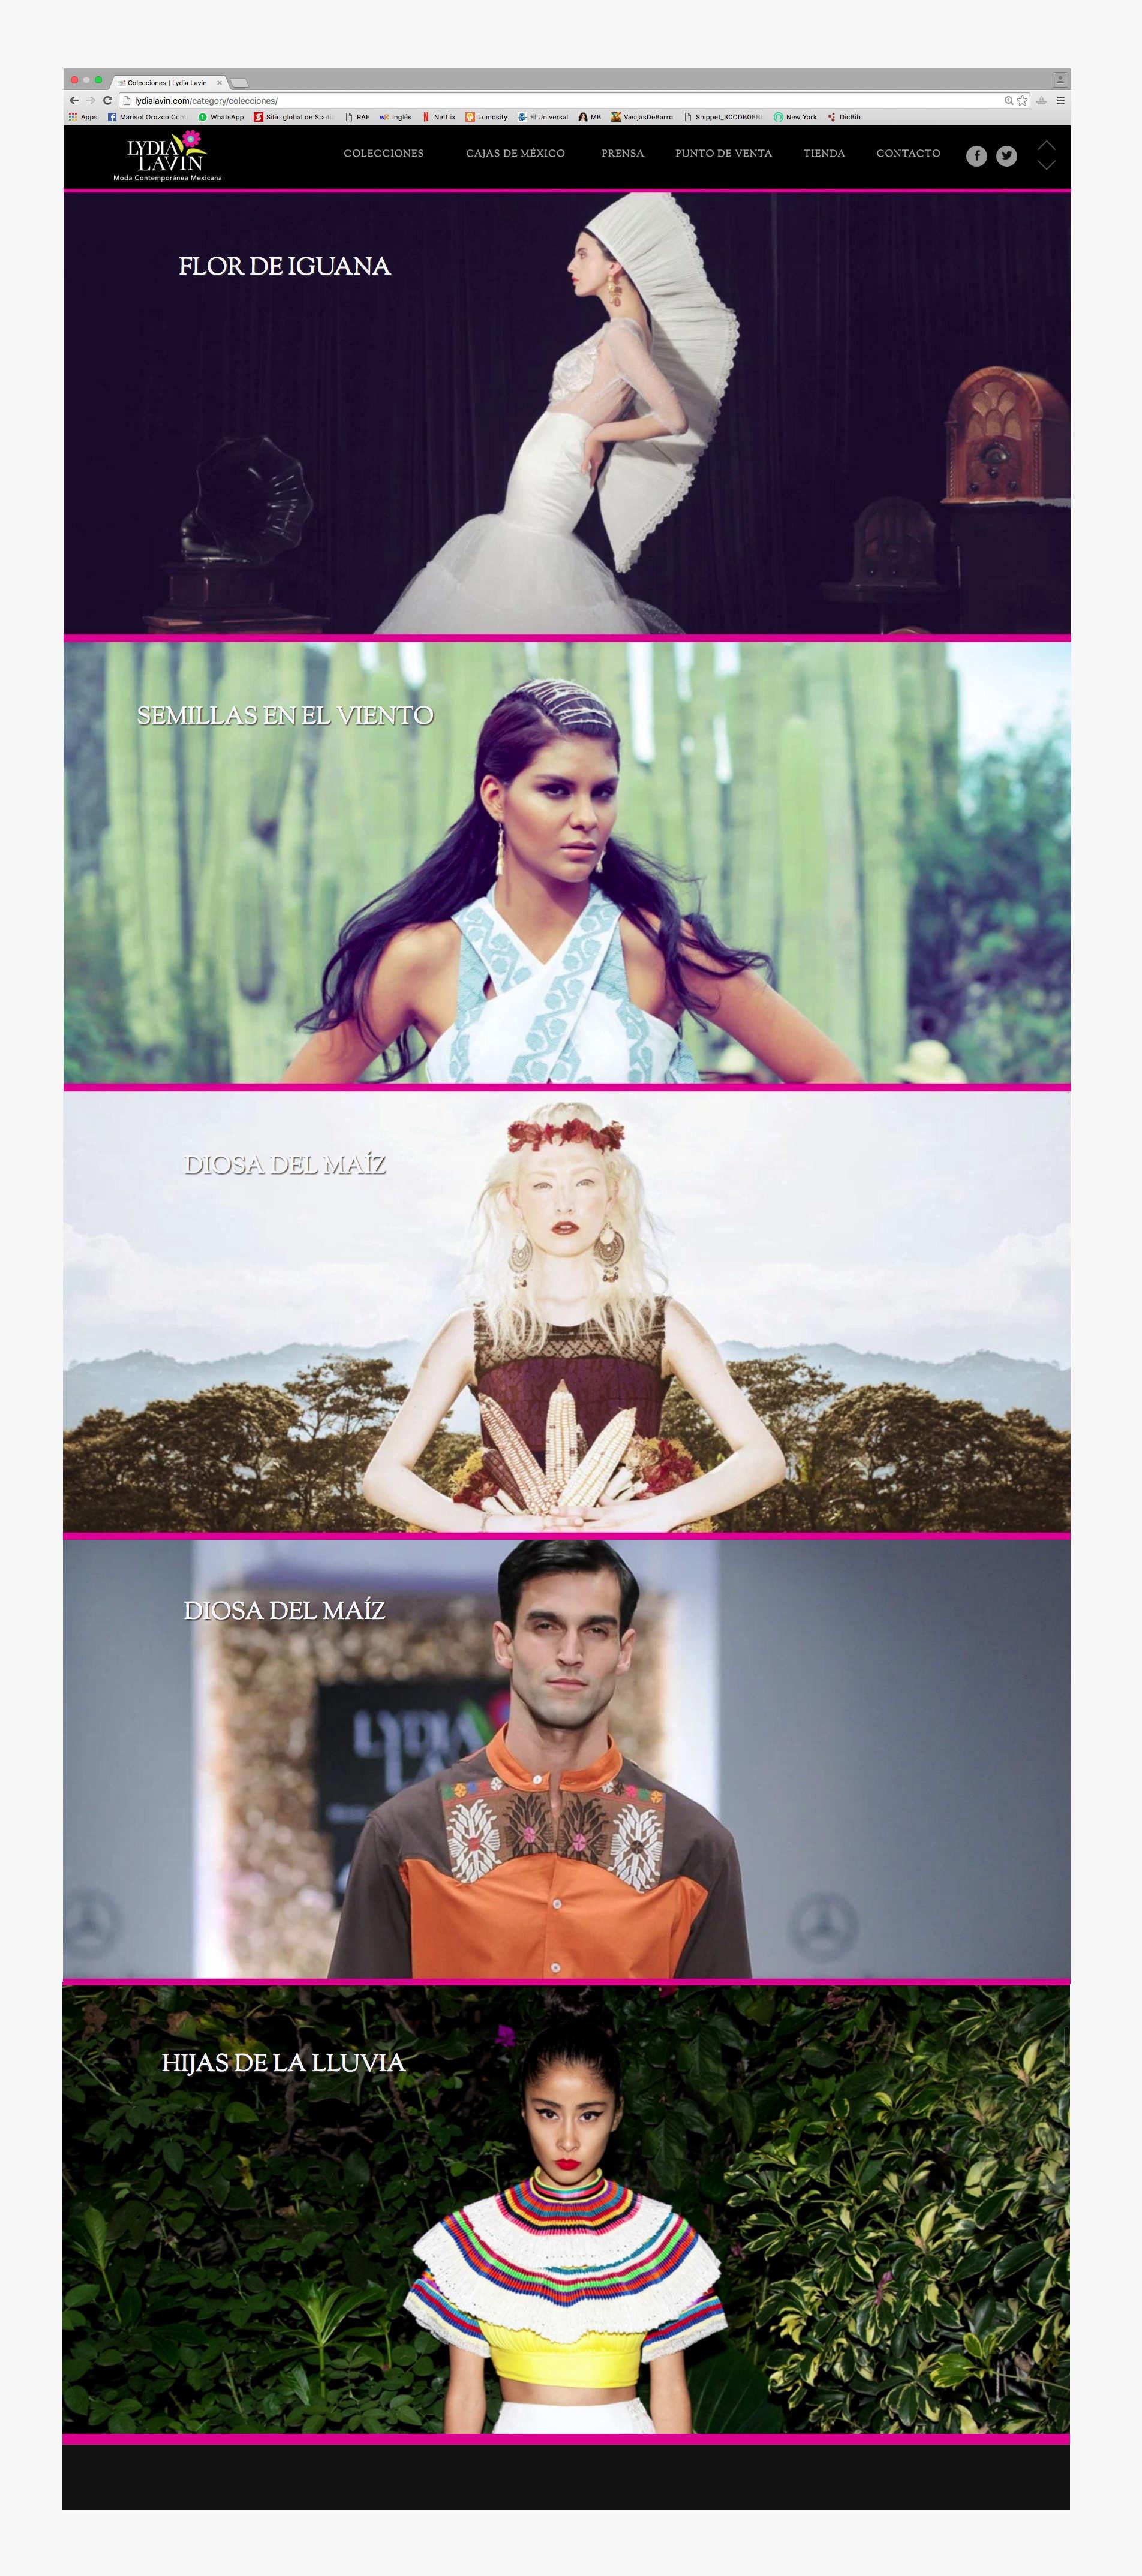 Pagina del sitio web de lydia lavin donde muestra todas sus colecciones